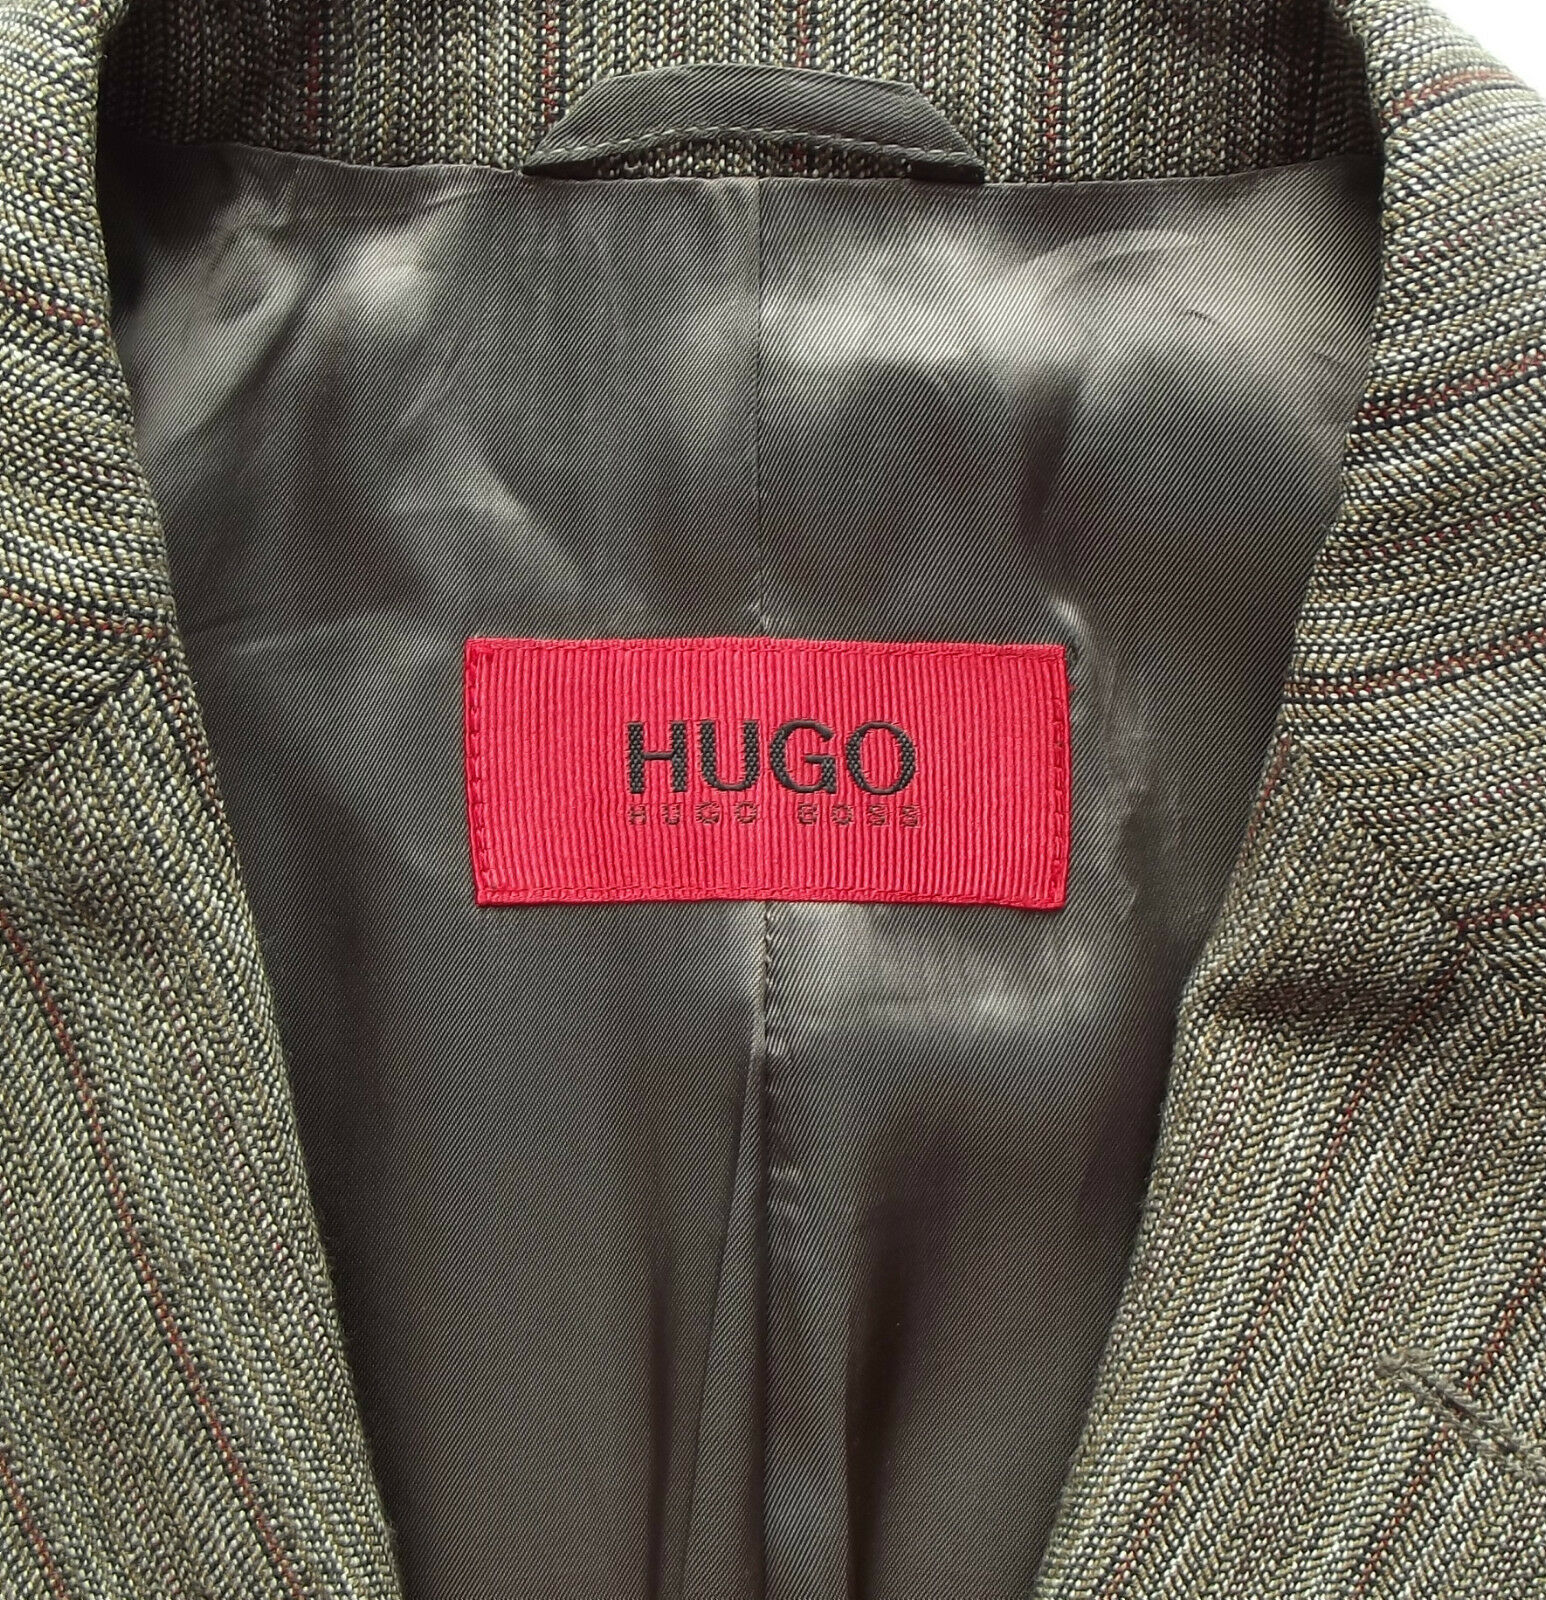 HUGO BOSS Anzug Gr. 94 94 94 Schurwolle + Seide Achtino Hason Braun Beige NP     Helle Farben    Zart    Für Ihre Wahl  55d9c2